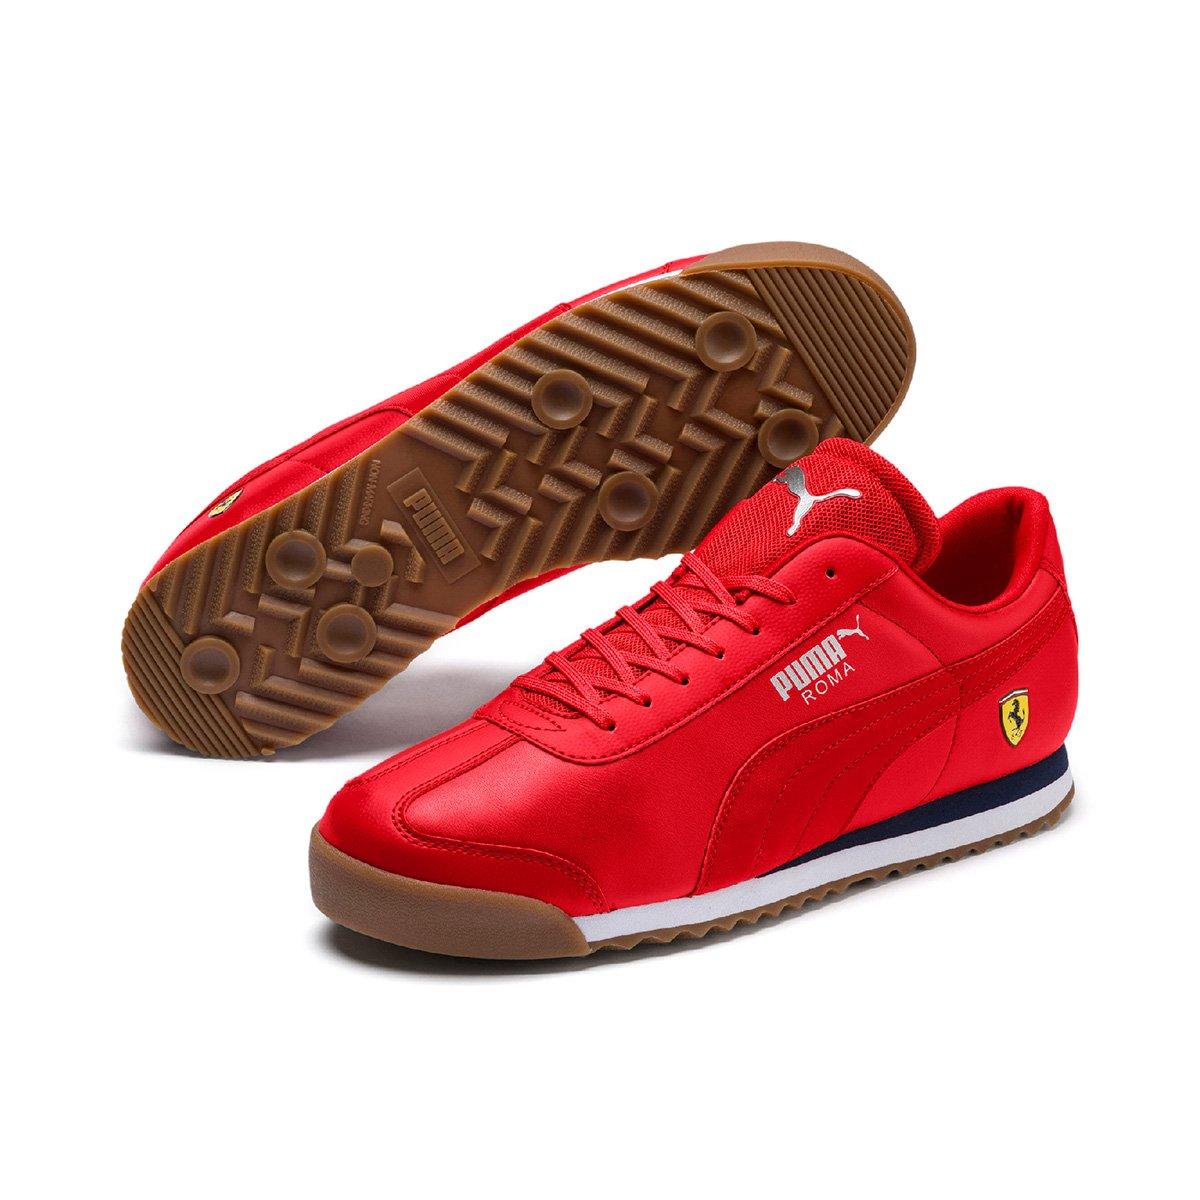 8862f0d0cdd2c Tênis Couro Puma Ferrari Roma Masculino - Vermelho - Compre Agora ...